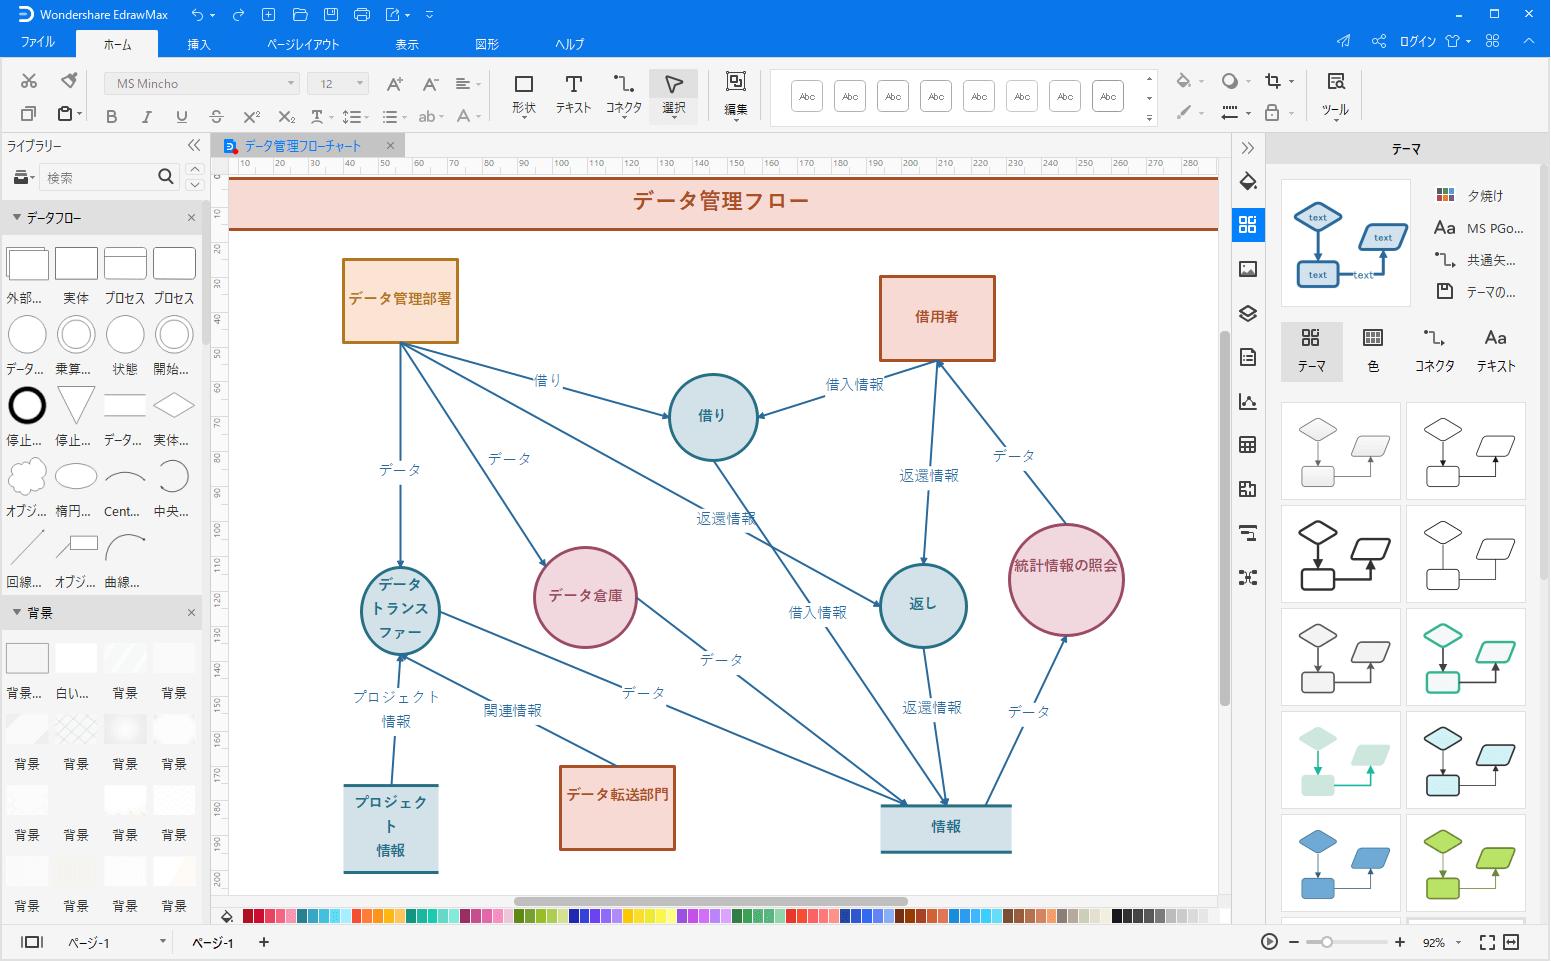 データフロー図形